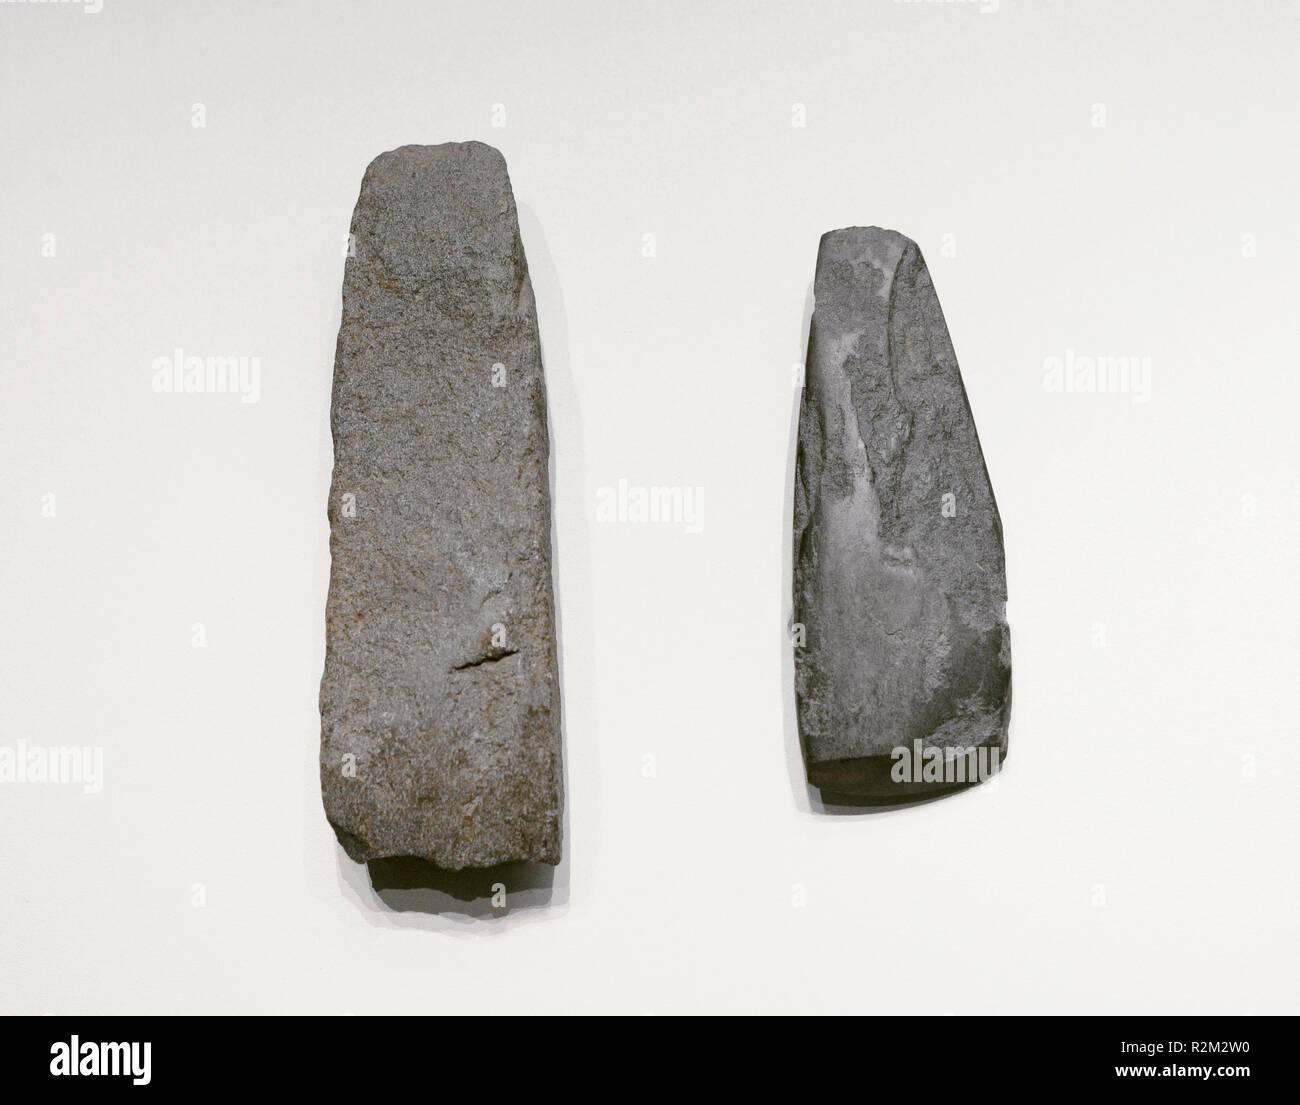 Achsen. Jungsteinzeit. Höhle von La Mora, Jabugo (Provinz Huelva, Andalusien). Nationalen Archäologischen Museum. Madrid. Spanien. Stockbild